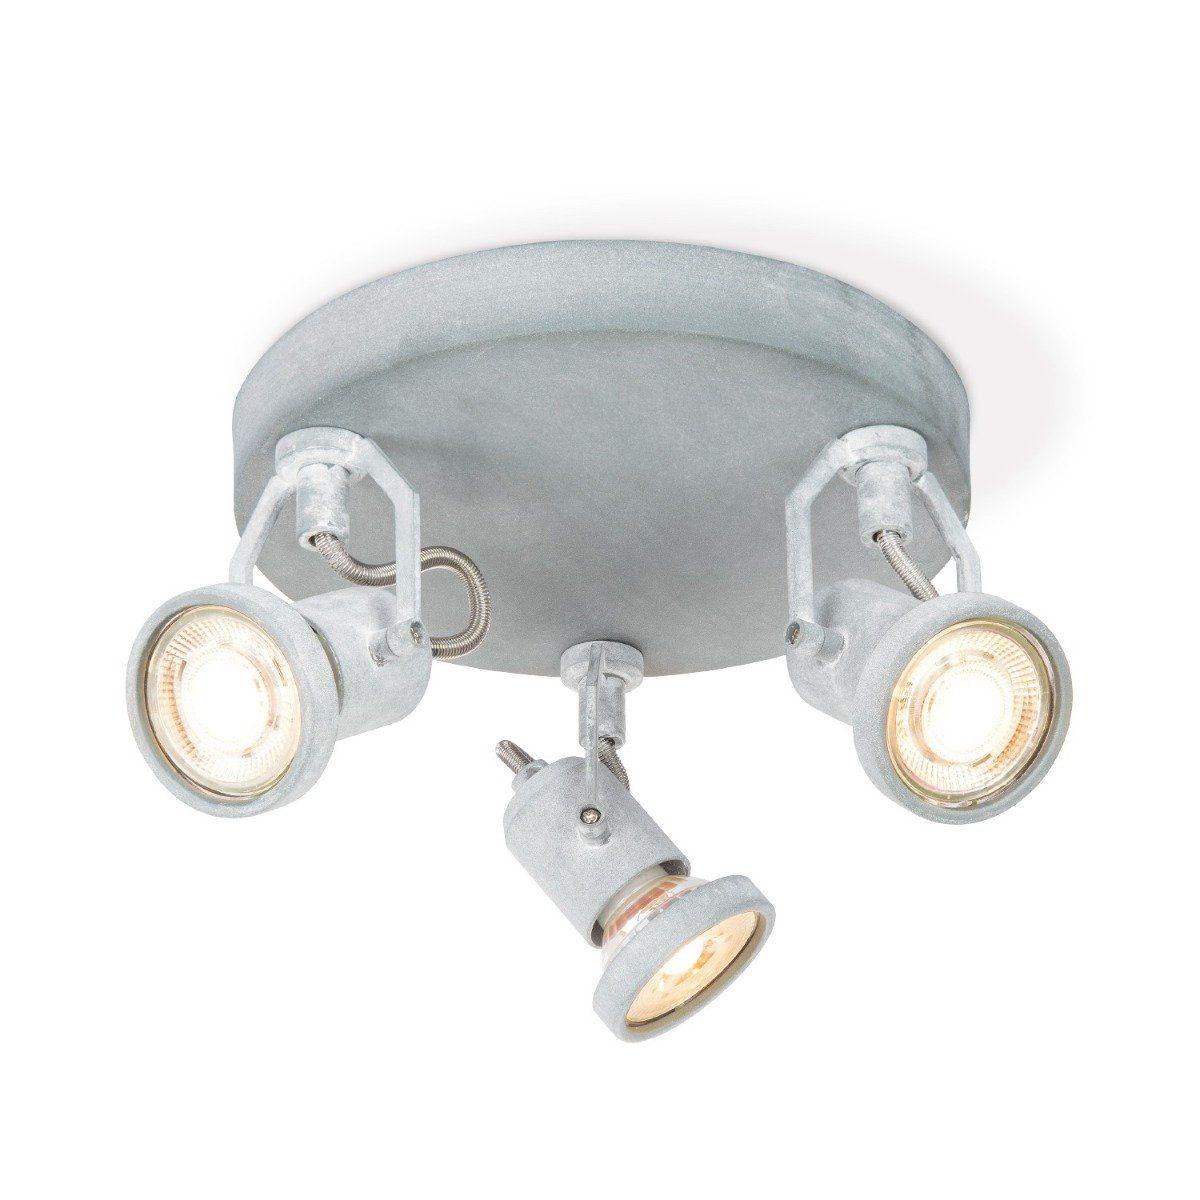 Home sweet home LED opbouwspot Must 3 lichts Ø 19 cm - betongrijs